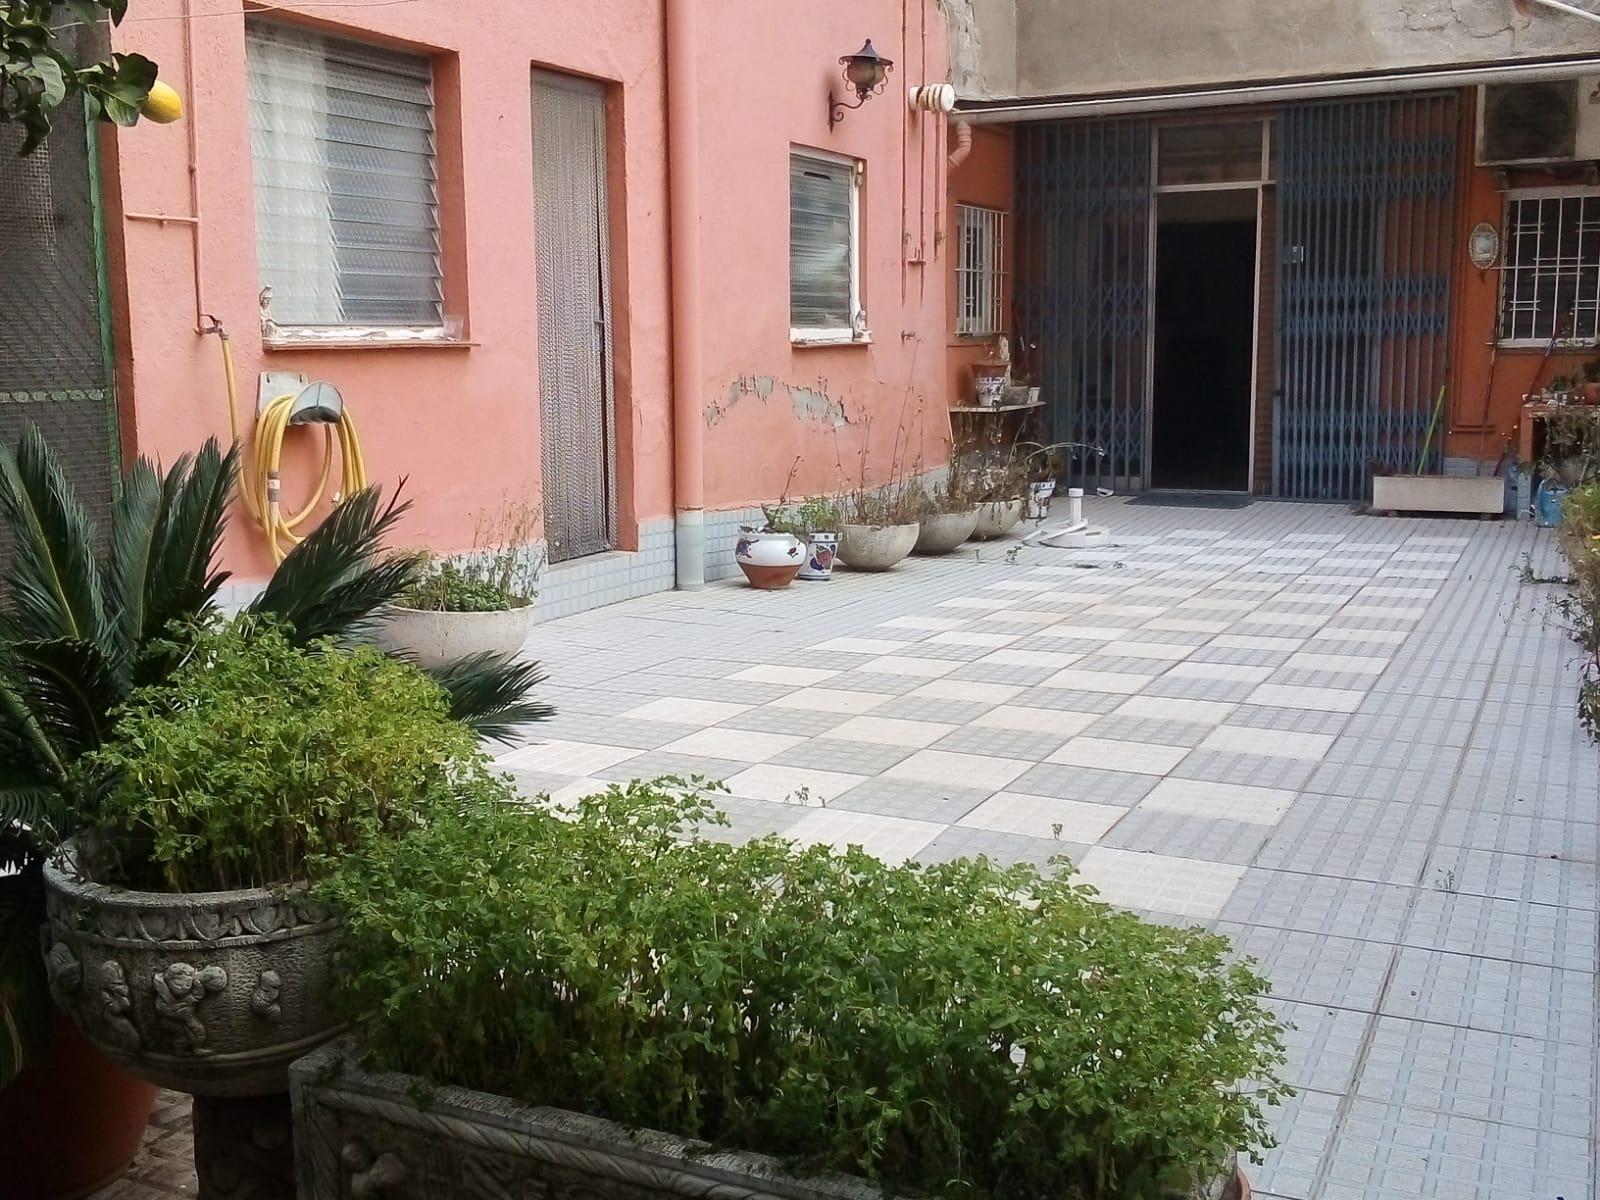 218528 - Junto Centre Cívic Les Tovalloles (S. Feliu)